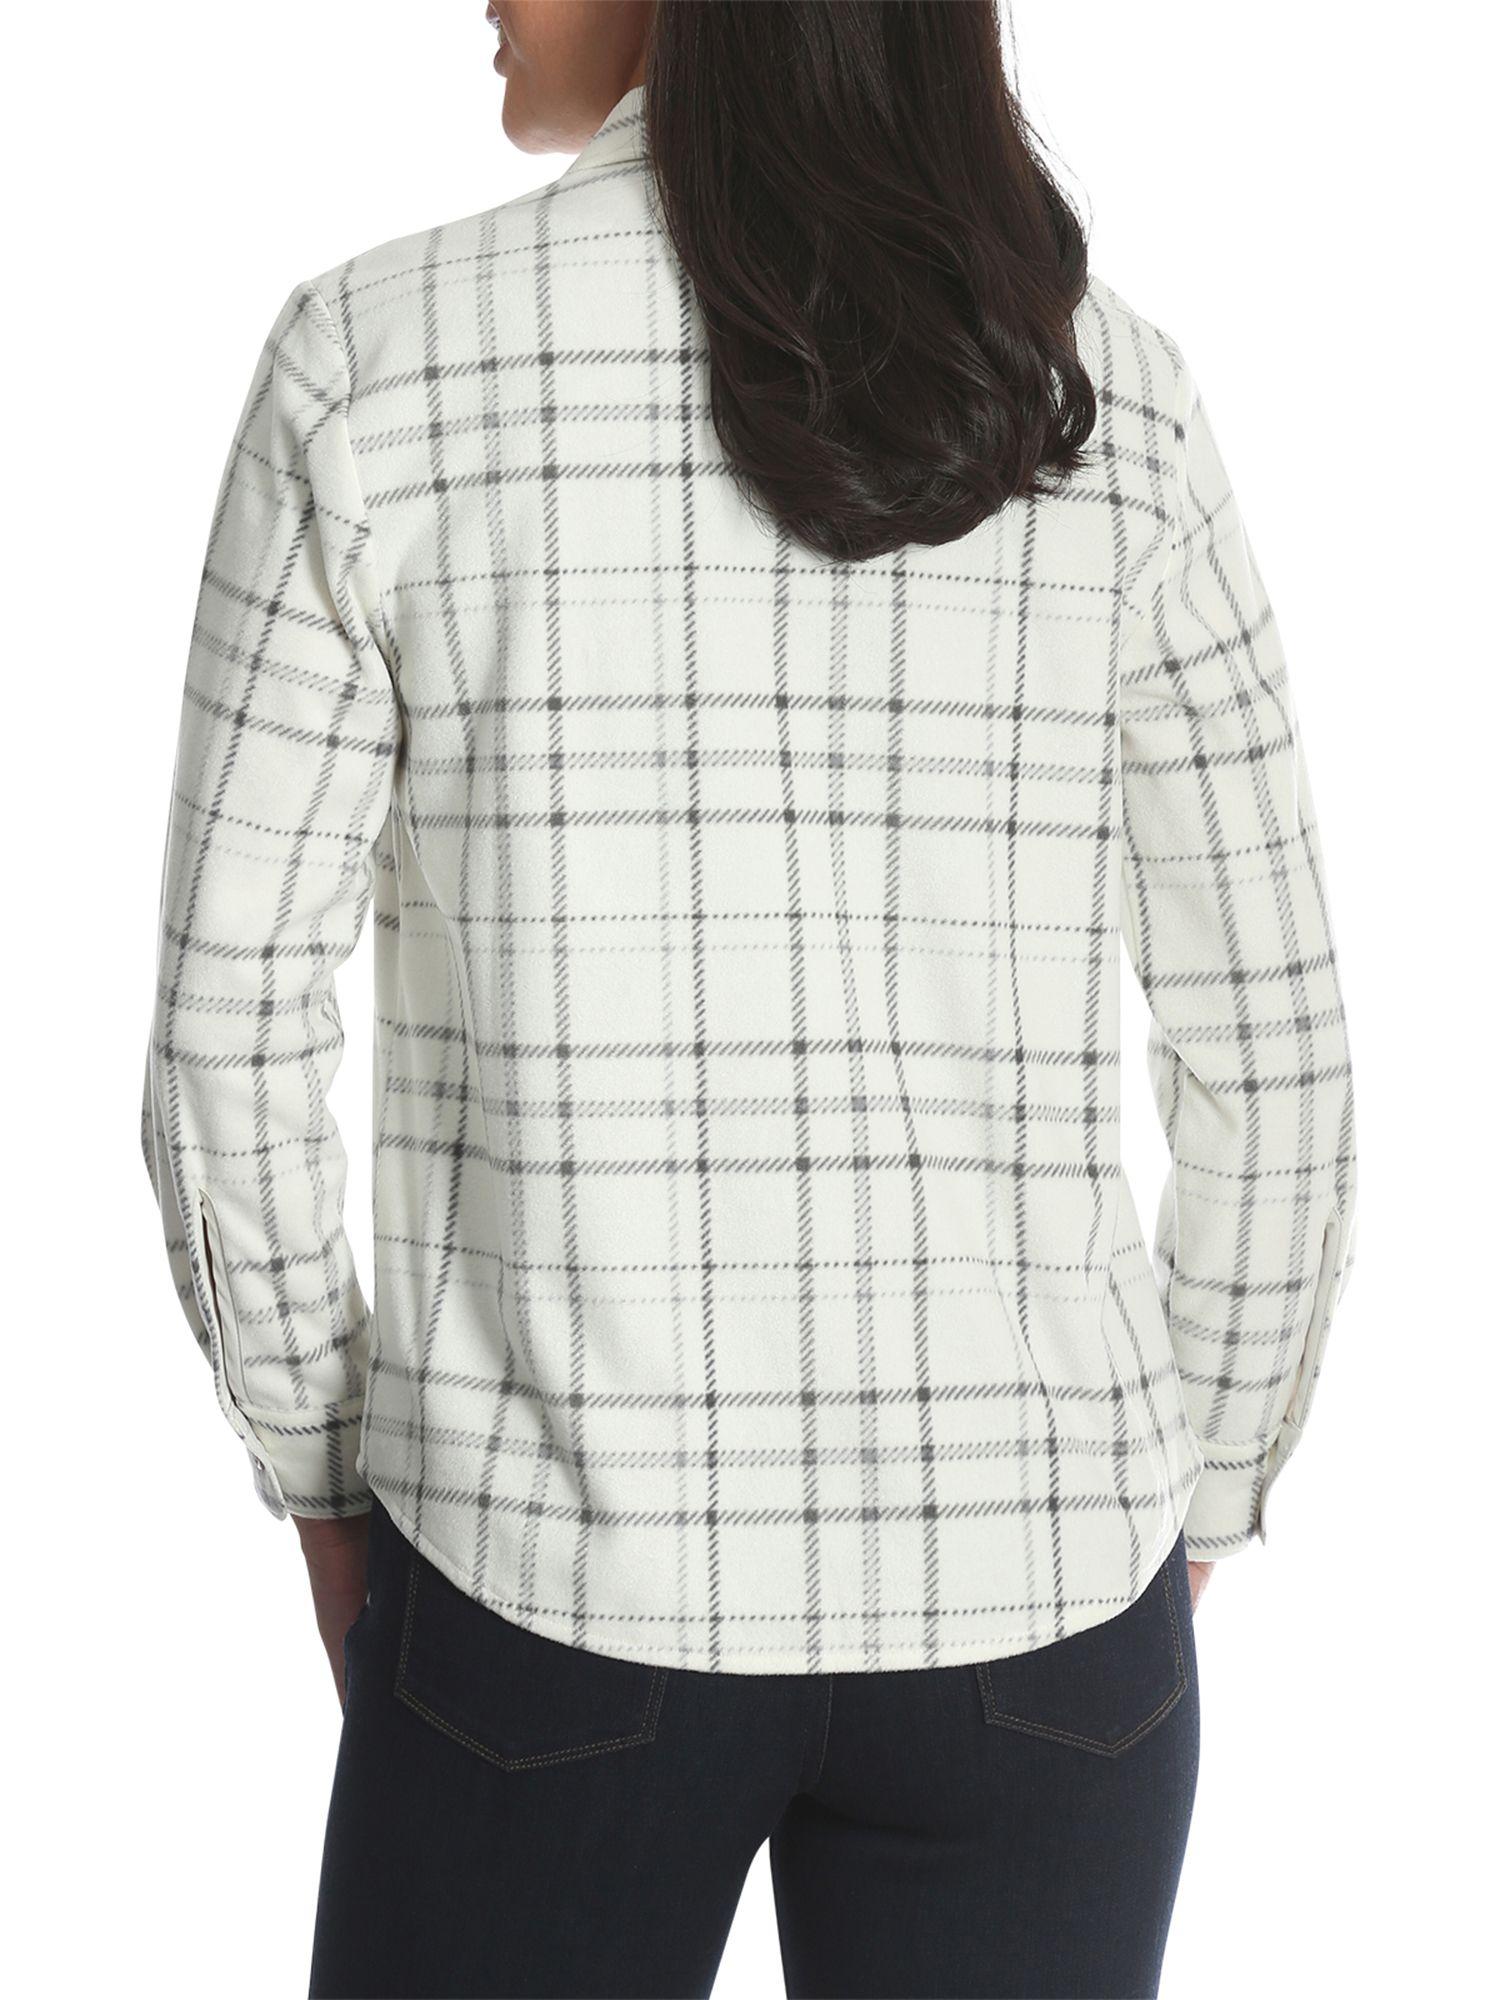 Lee Riders Lee Riders Women S Long Sleeve Knit Fleece Shirt Walmart Com Long Sleeve Knit Women Long Sleeve Fleece Shirt [ 2000 x 1500 Pixel ]